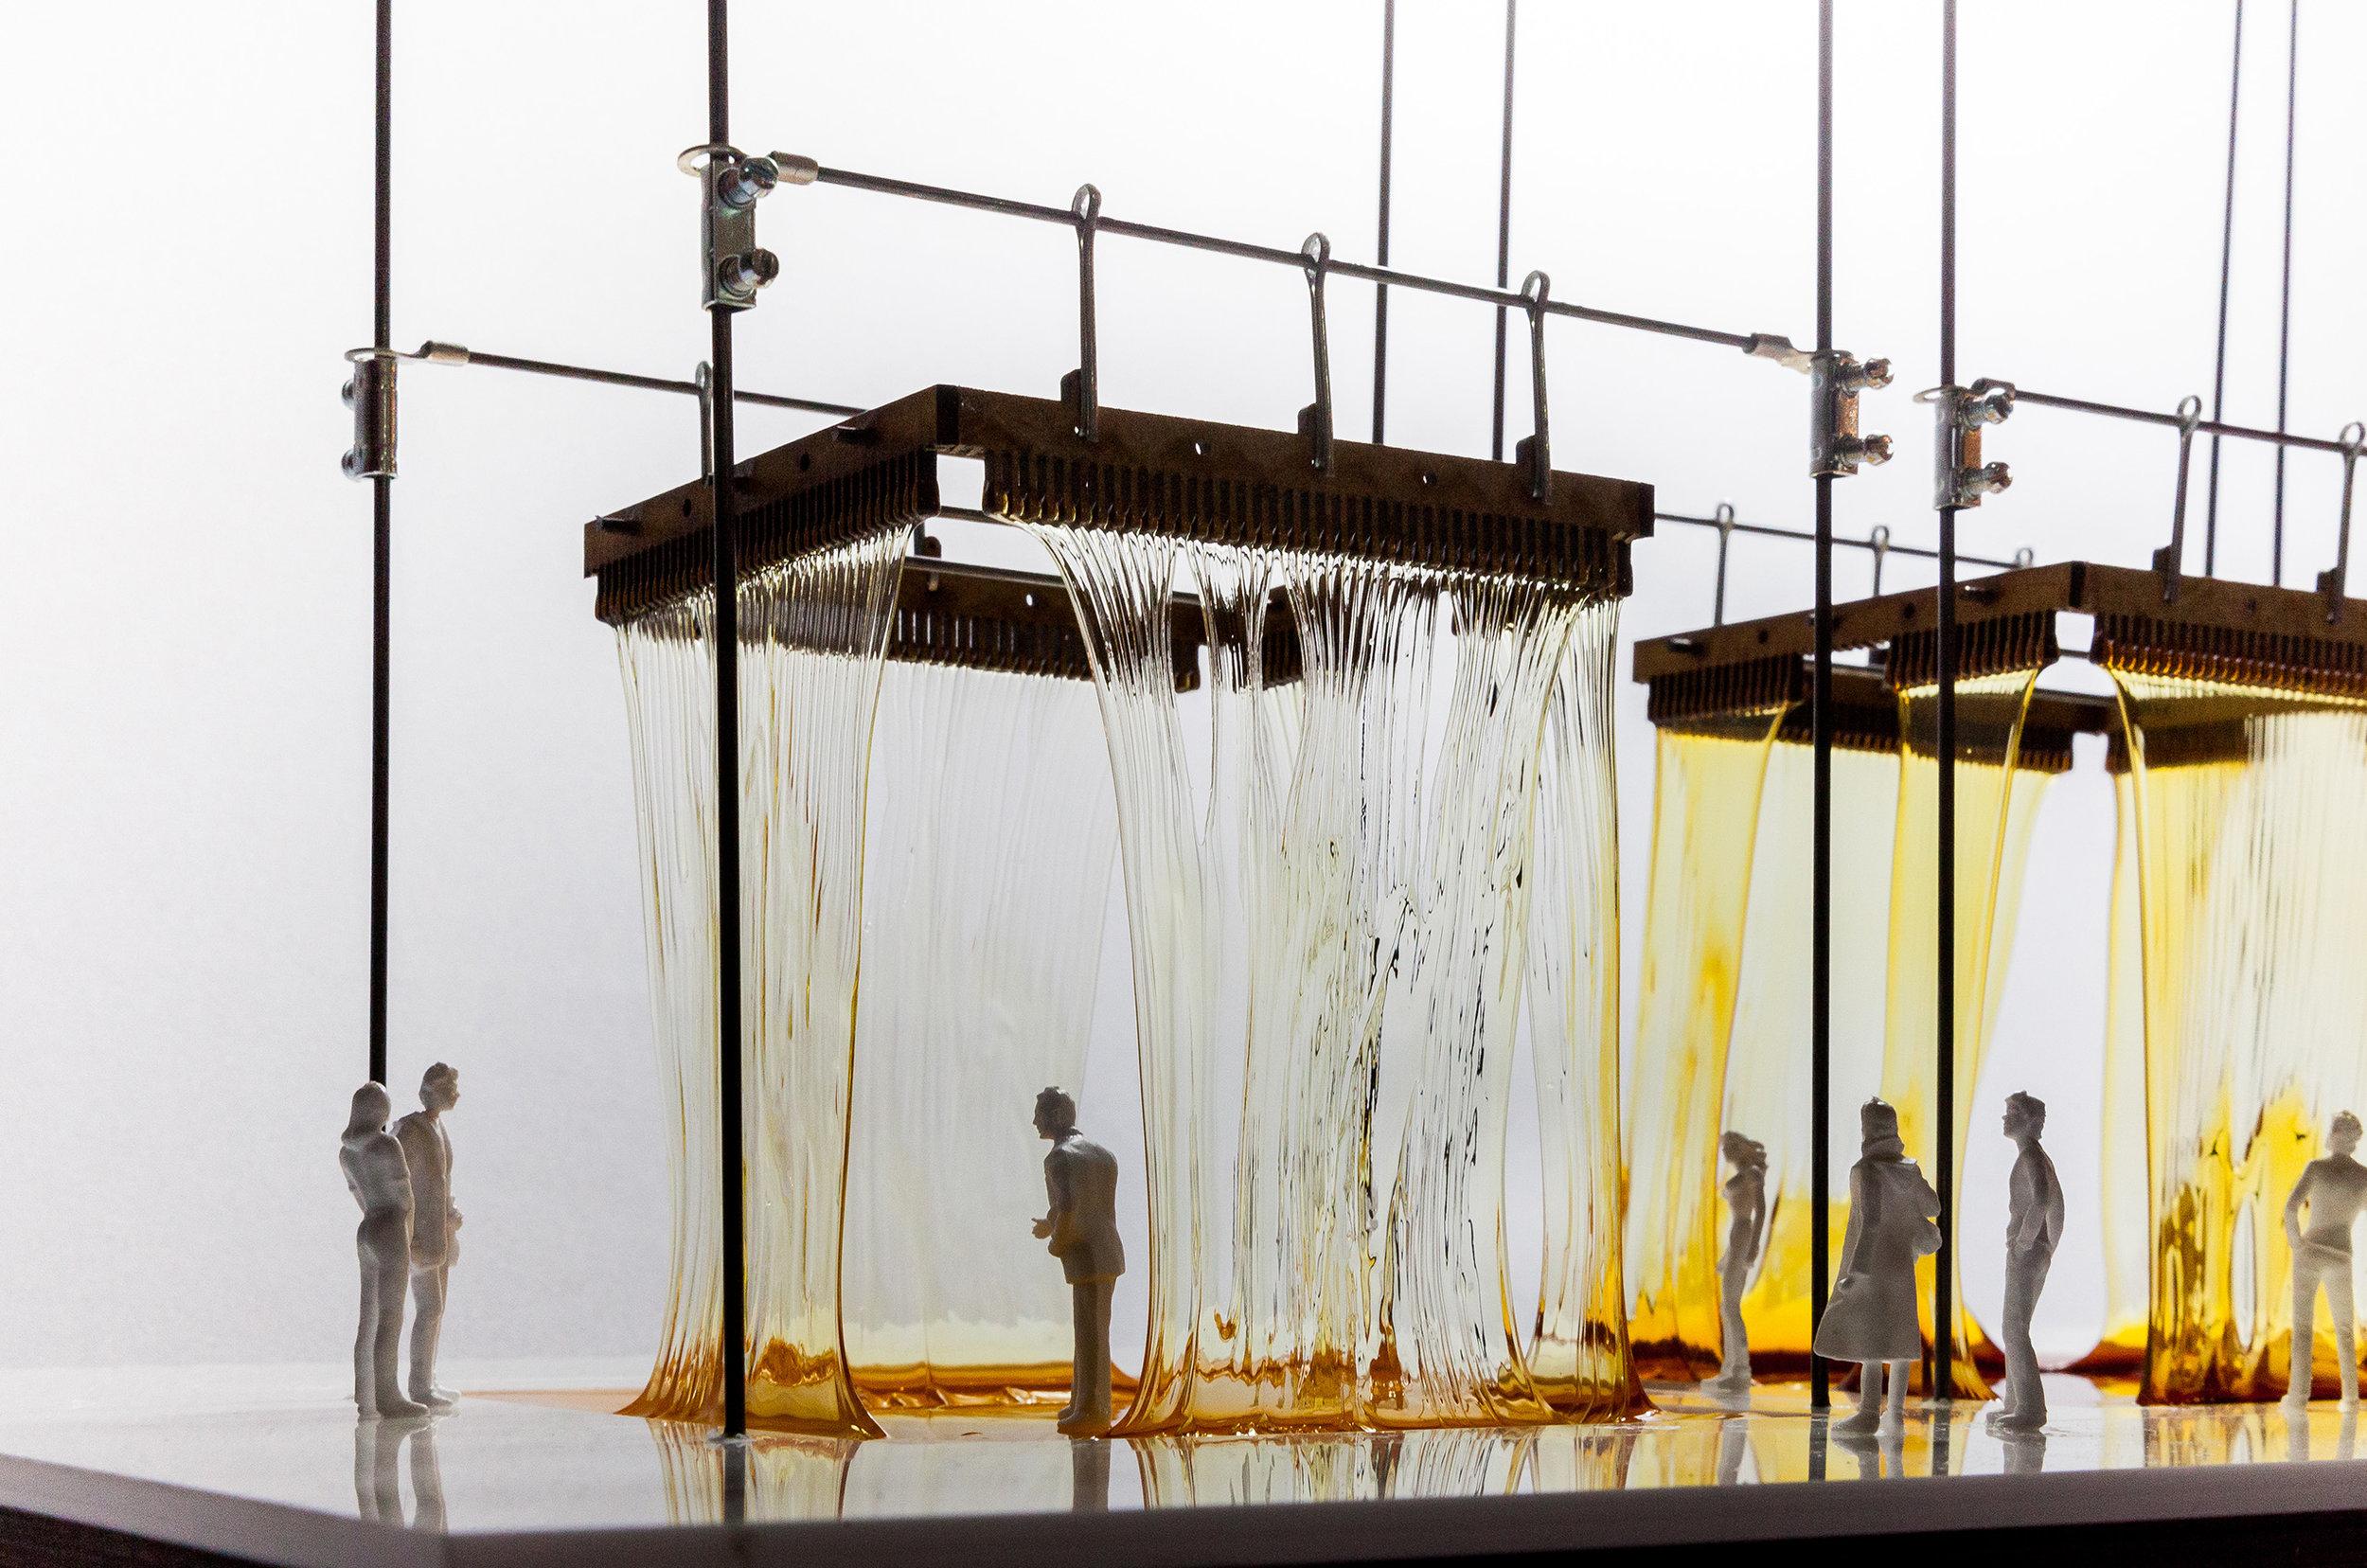 Architect-Design-Art-Installation-Marketing-Sugar-Caramel-Model-Golden-Caster-London.jpg